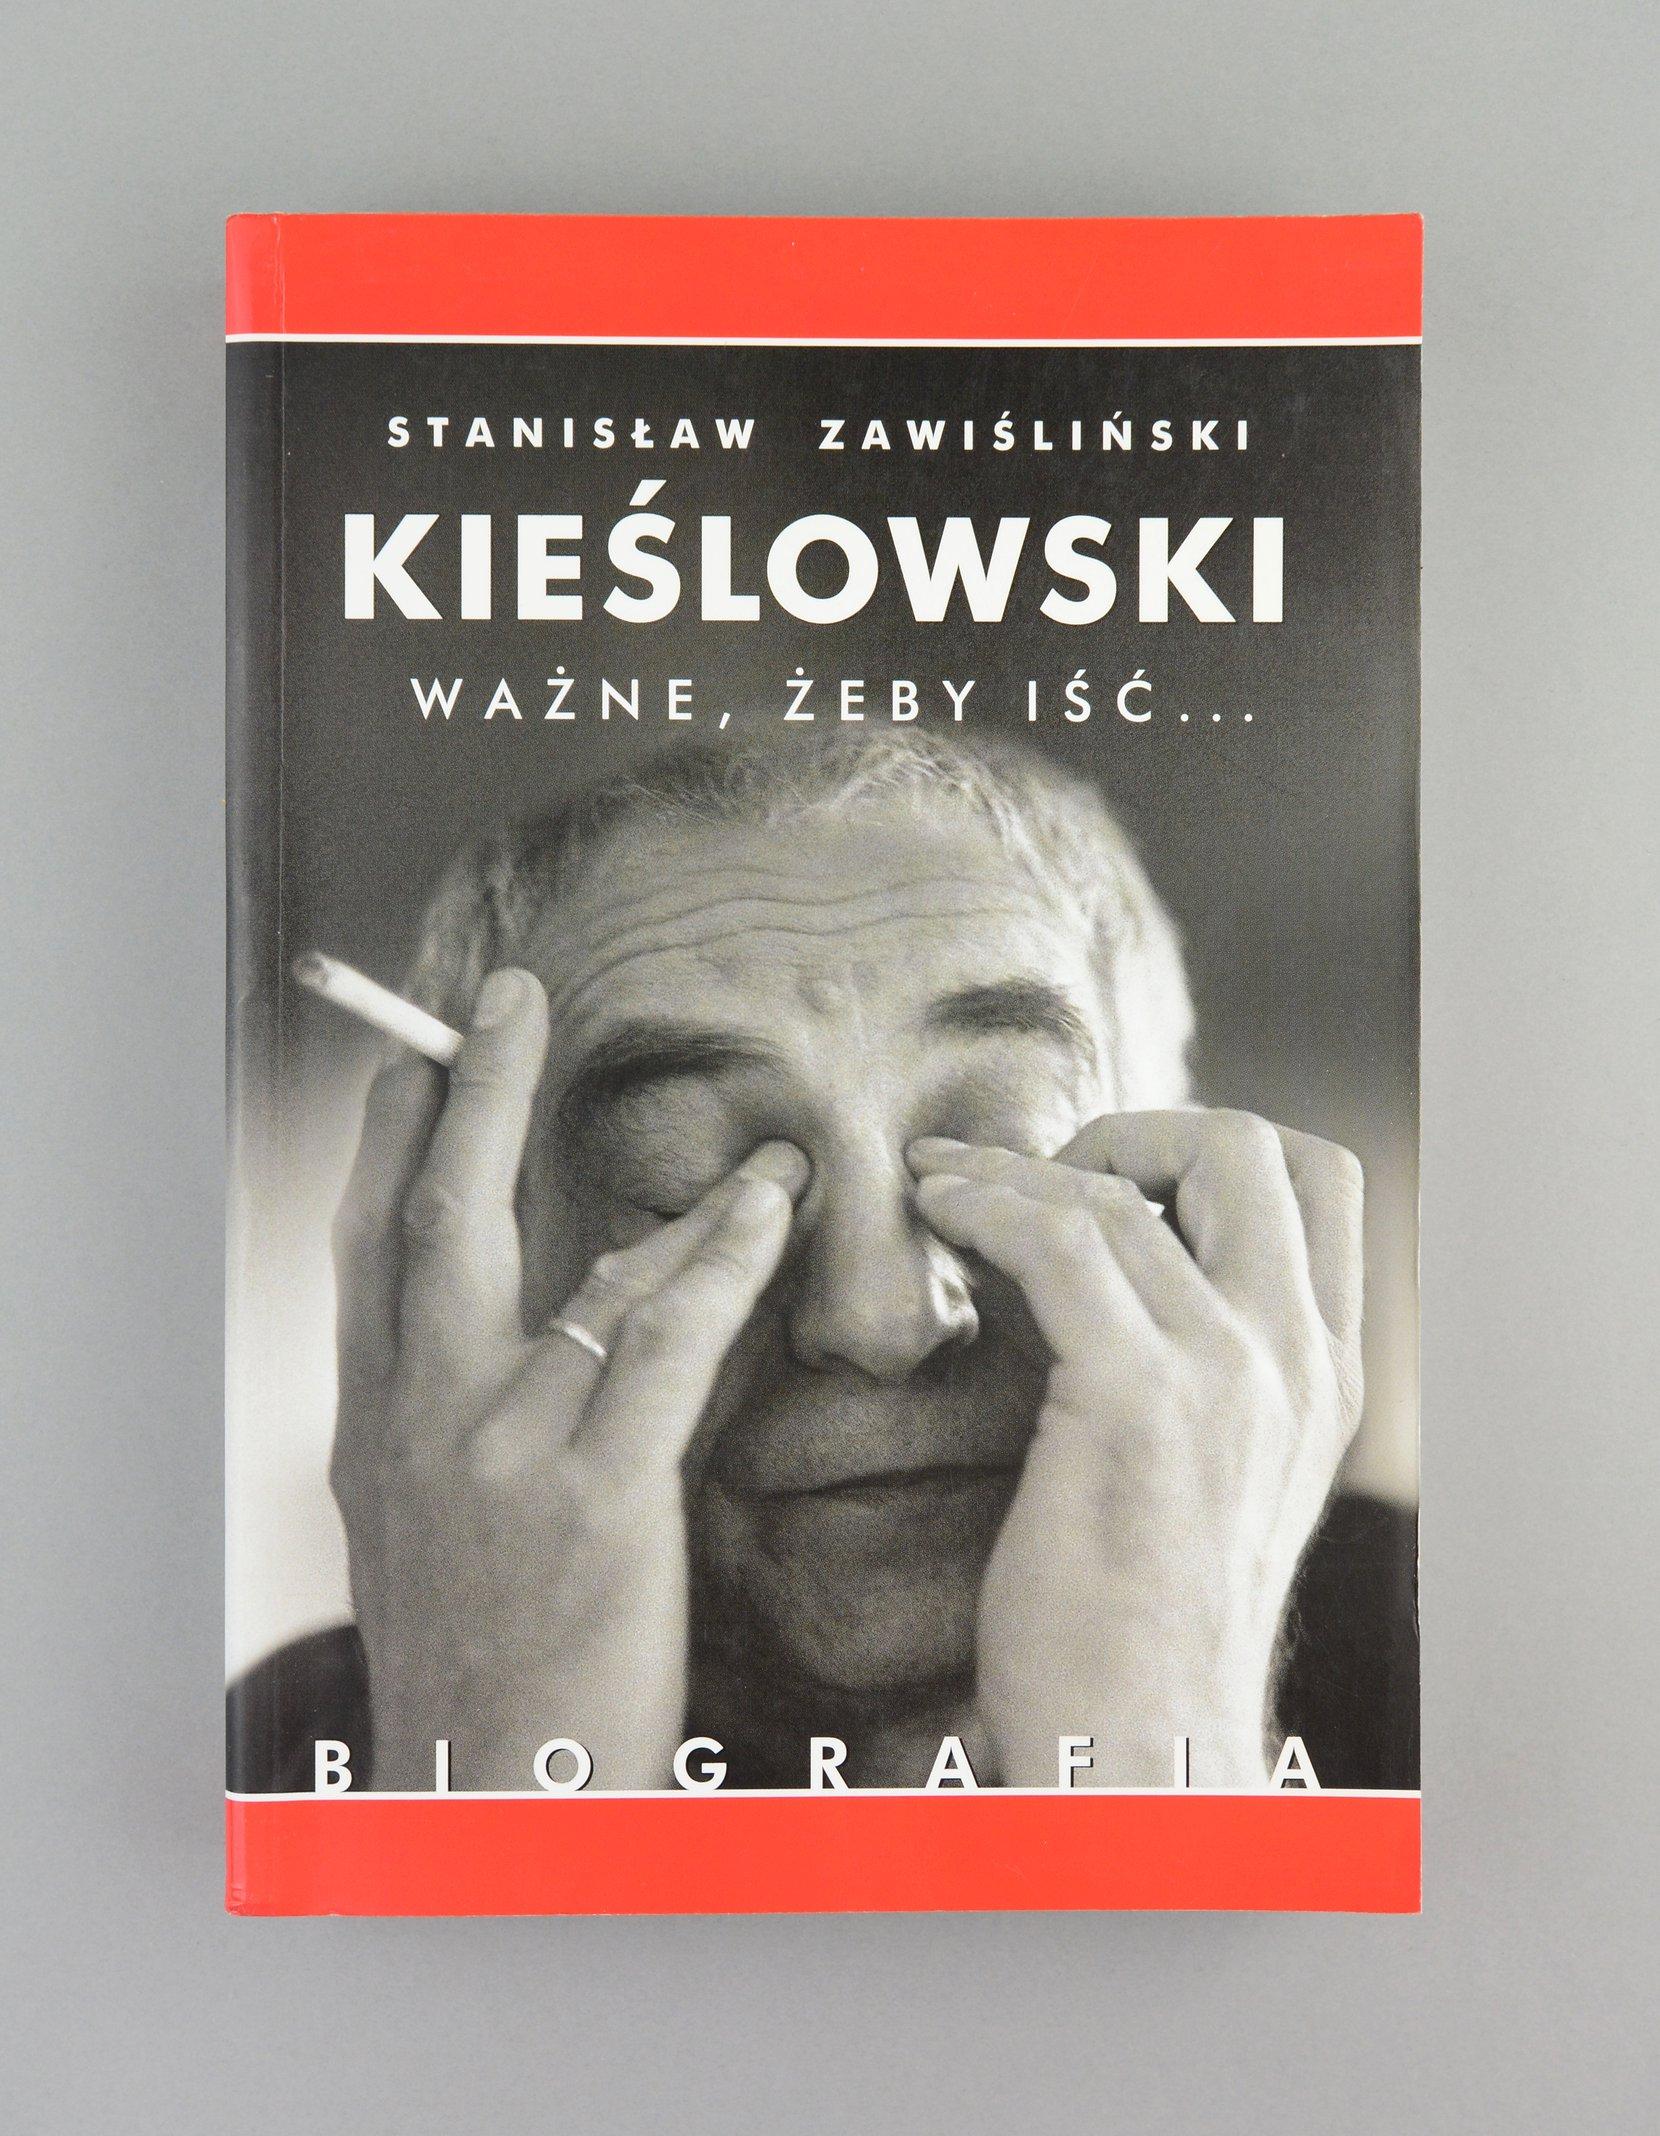 kieślowski: ważne, żeby iść, 2011 books political science Stanisław Zawiśliński